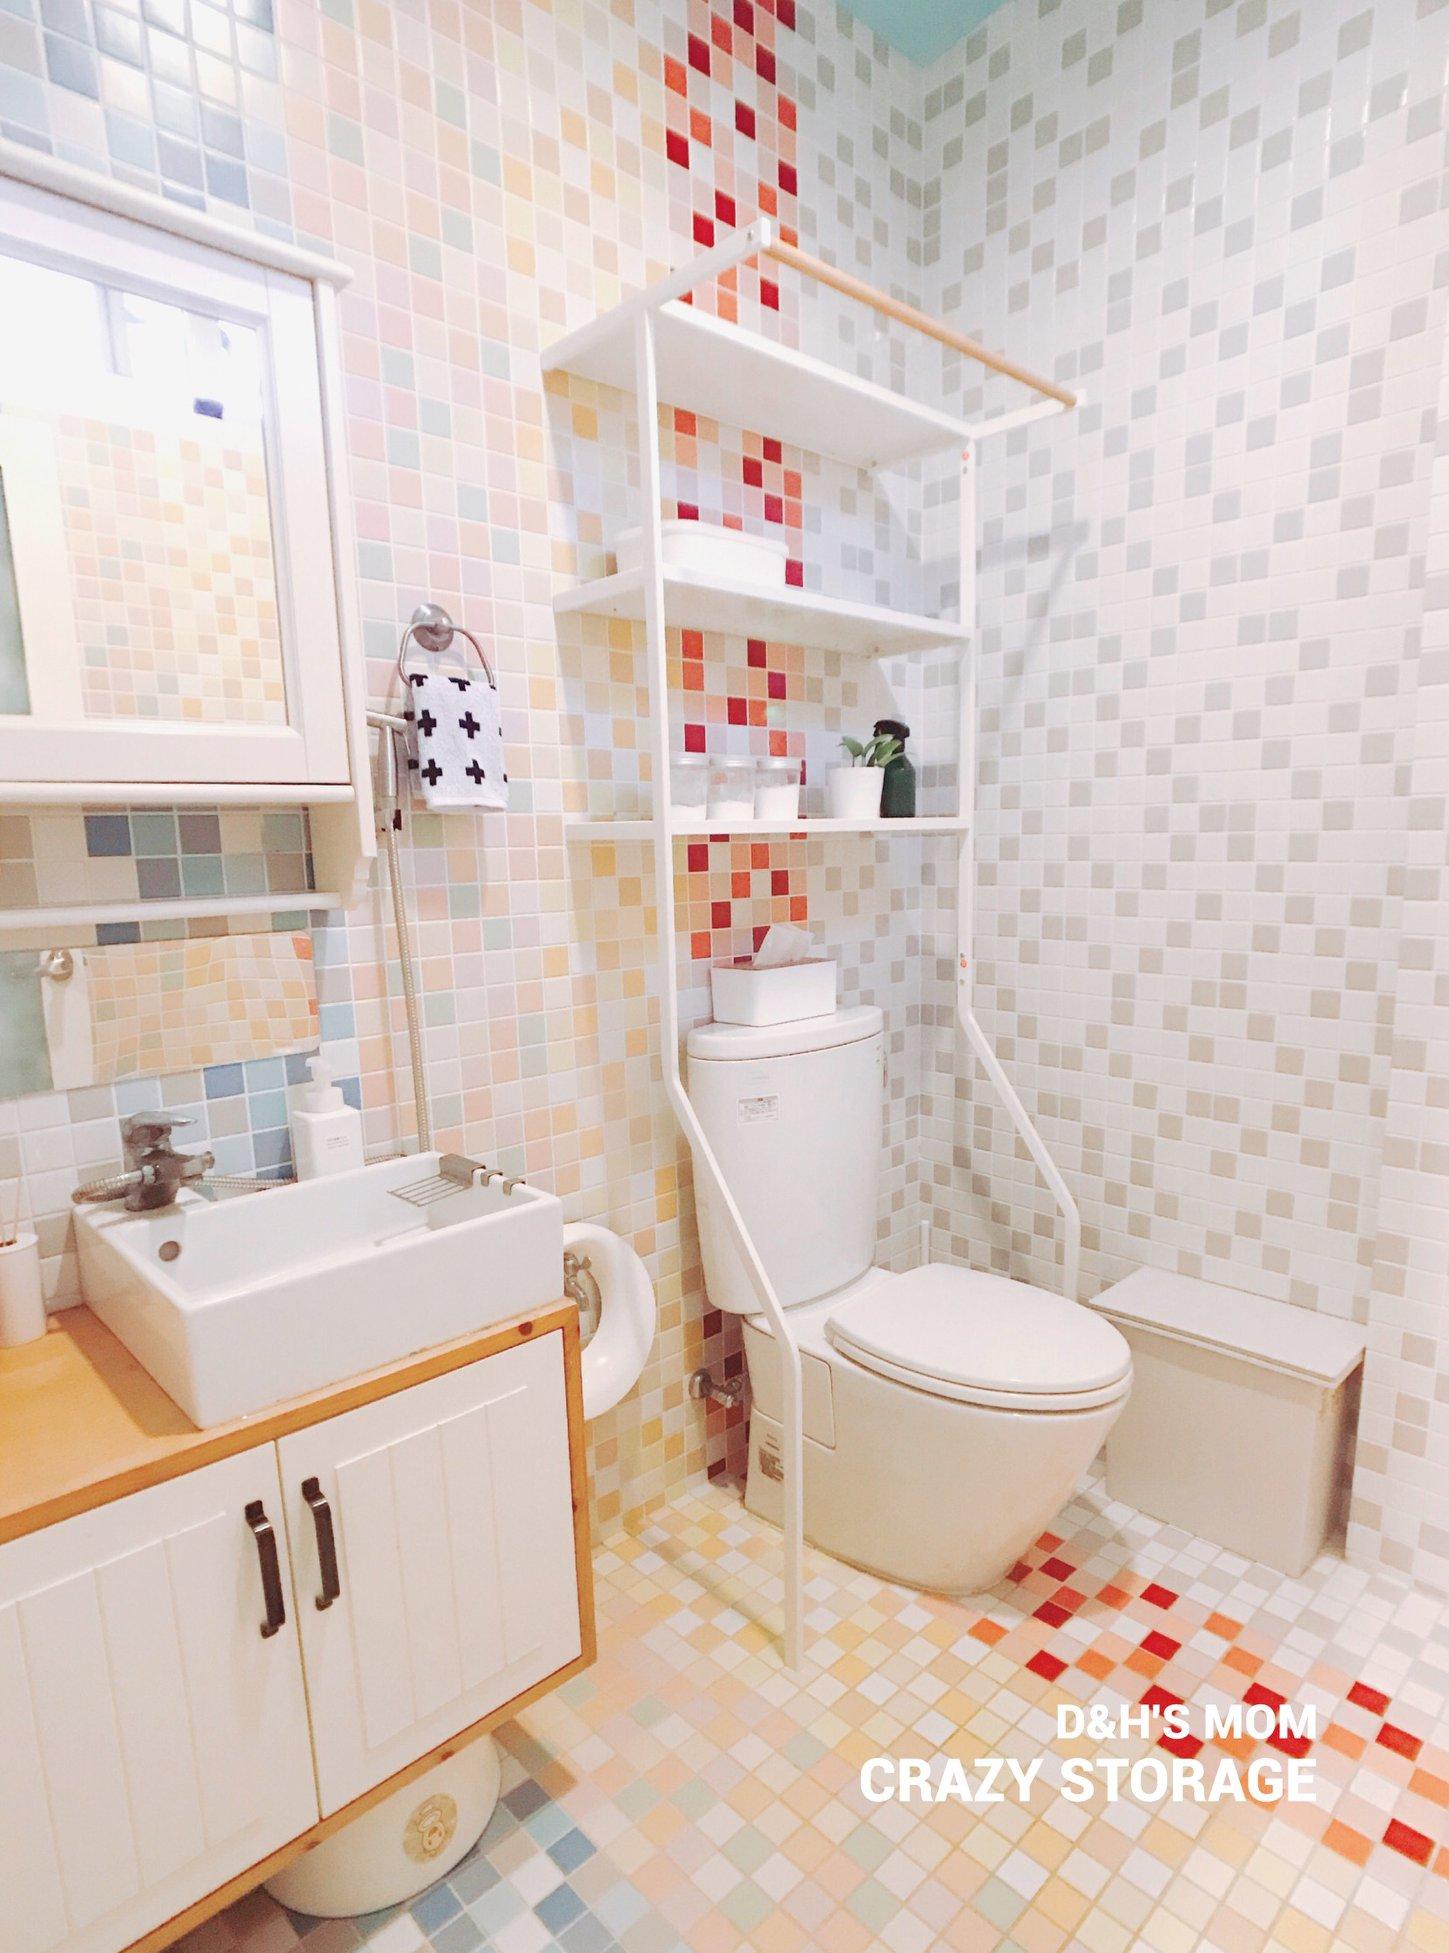 Yamazaki 山崎浴室廁所收納